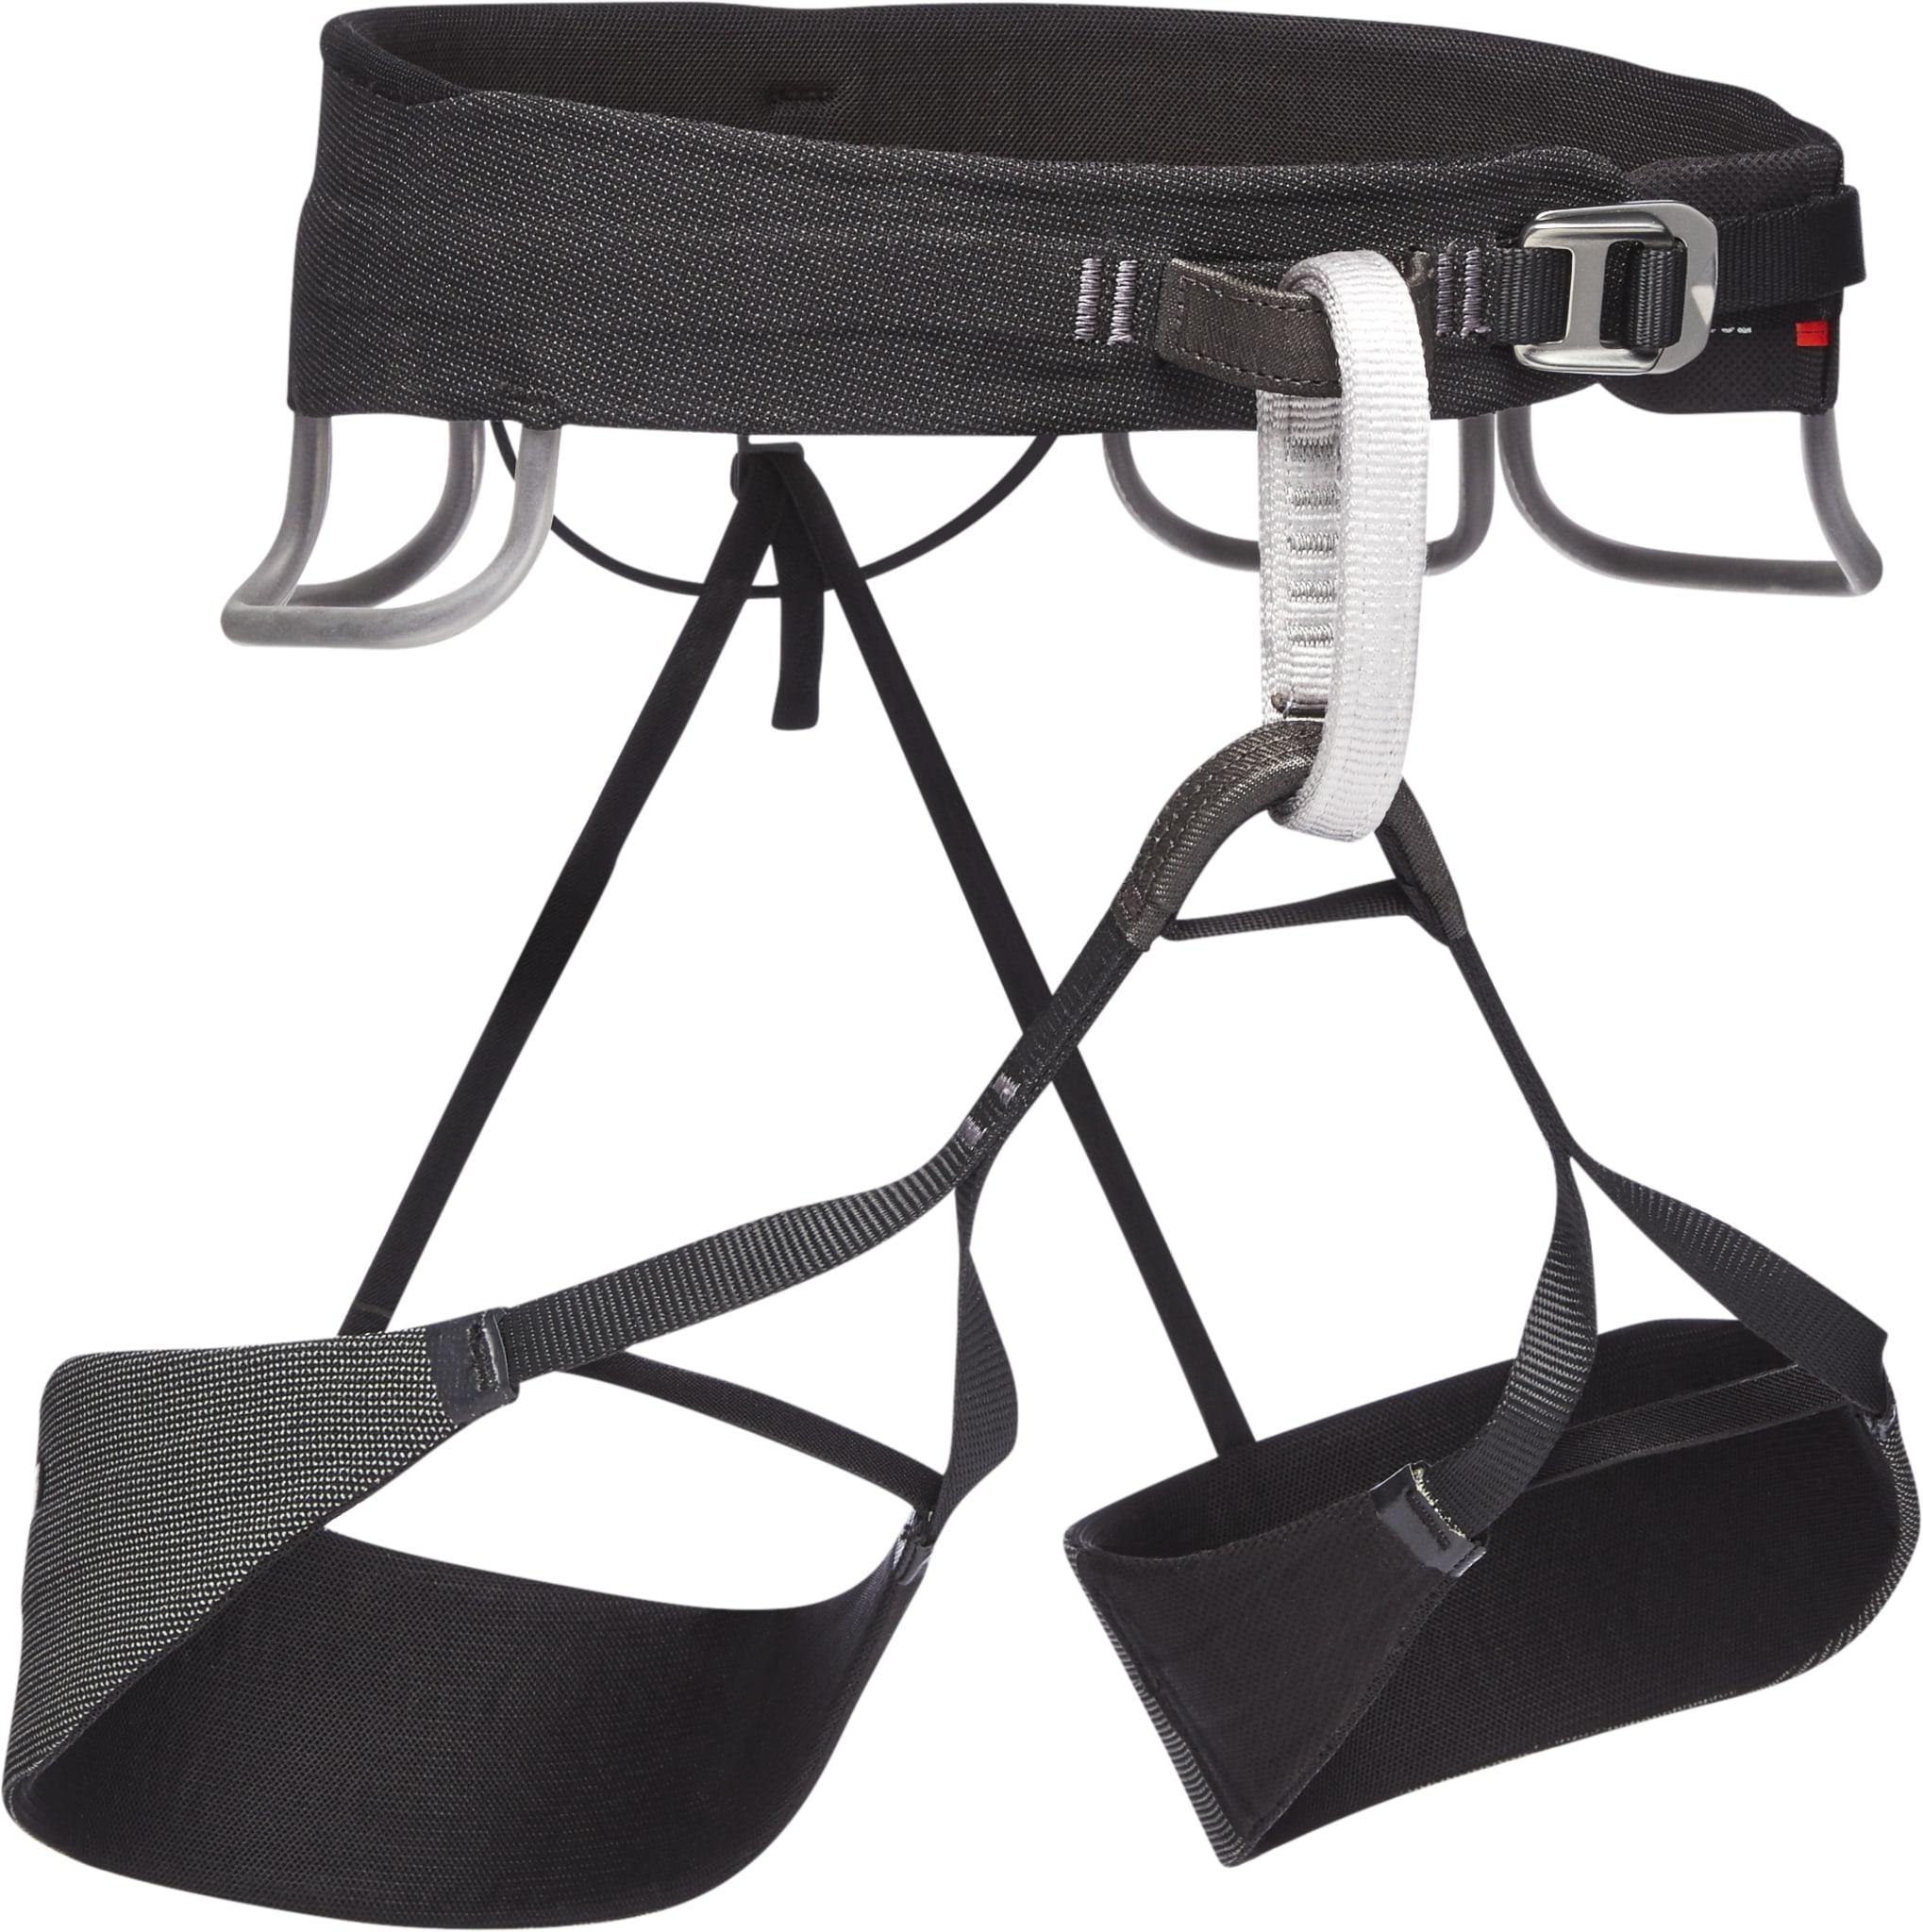 Komfortabel og slitesterk sele med ekstra utstyrsløkke